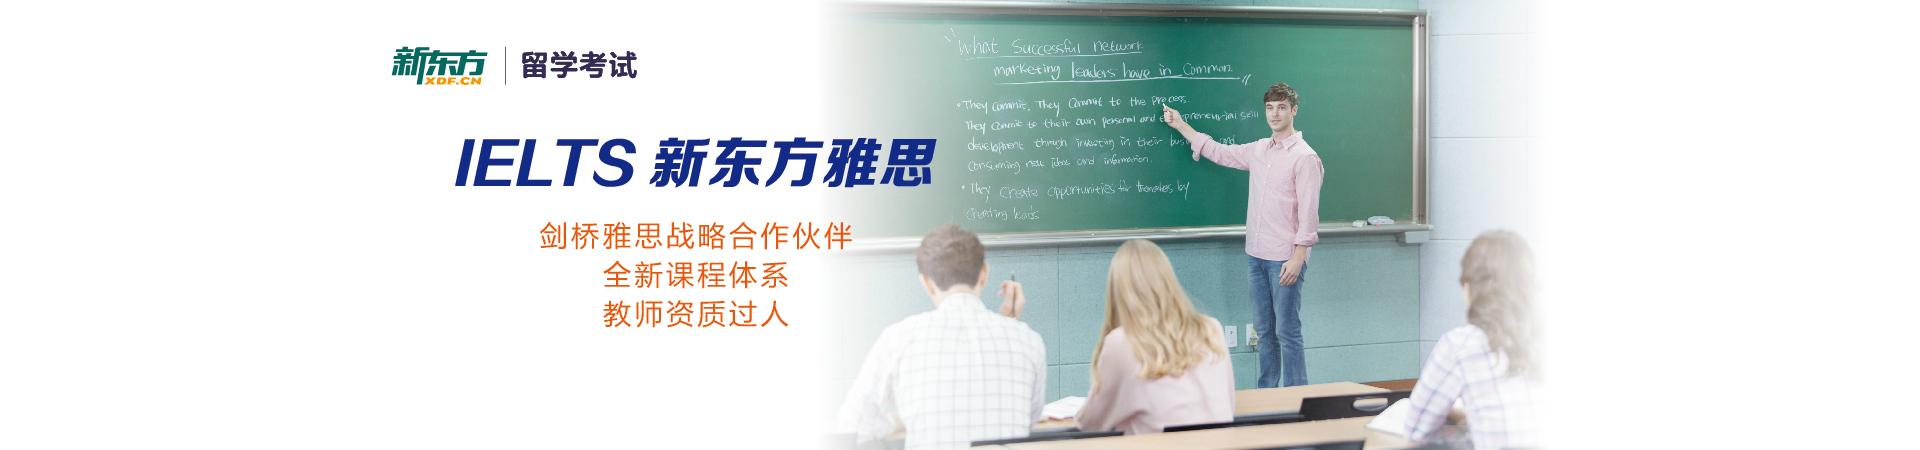 新东方英语培训学校